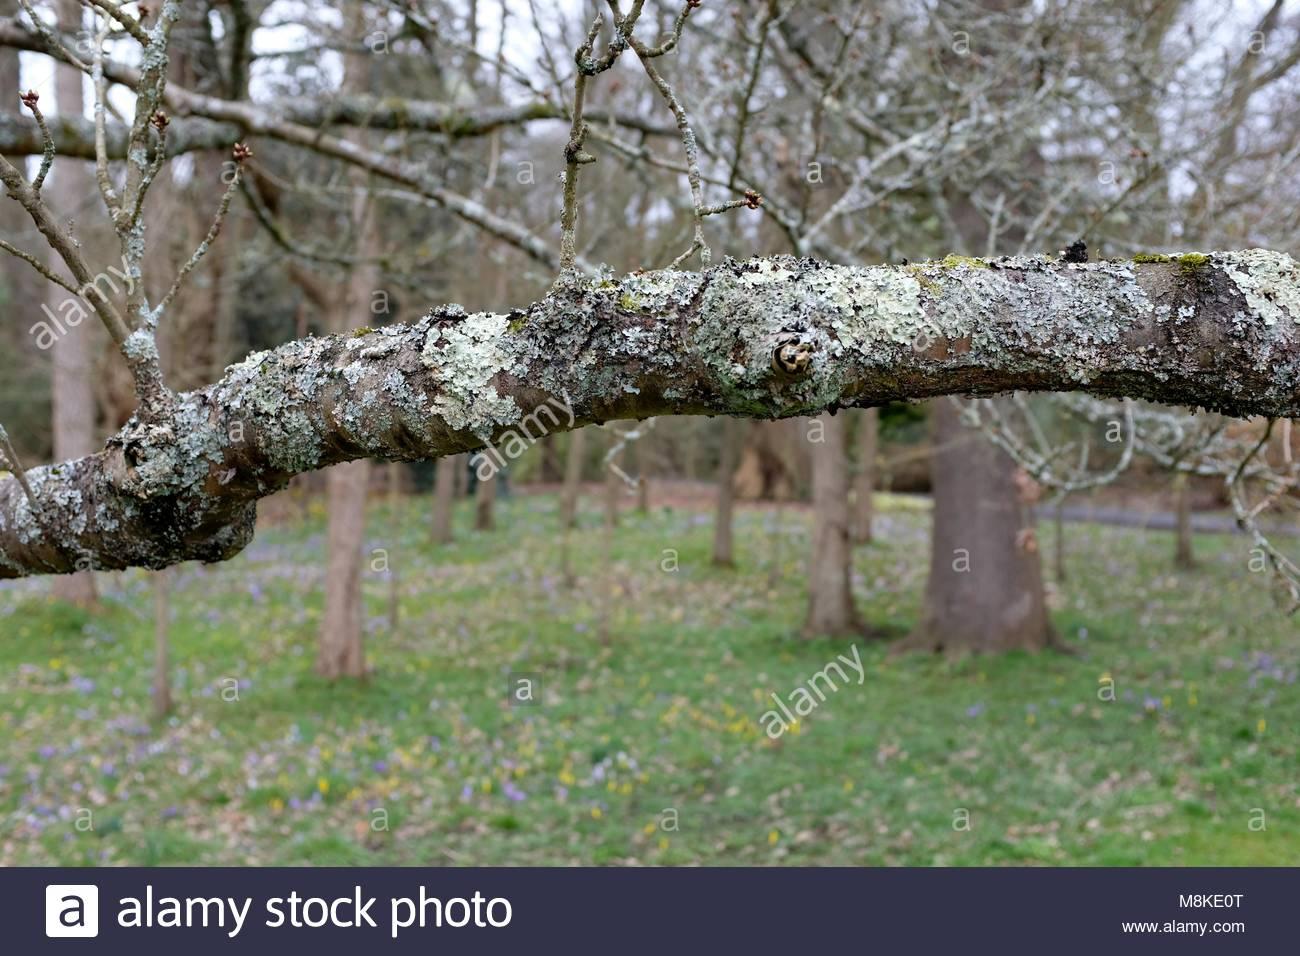 Mottled Bark Stock Photos & Mottled Bark Stock Images - Alamy